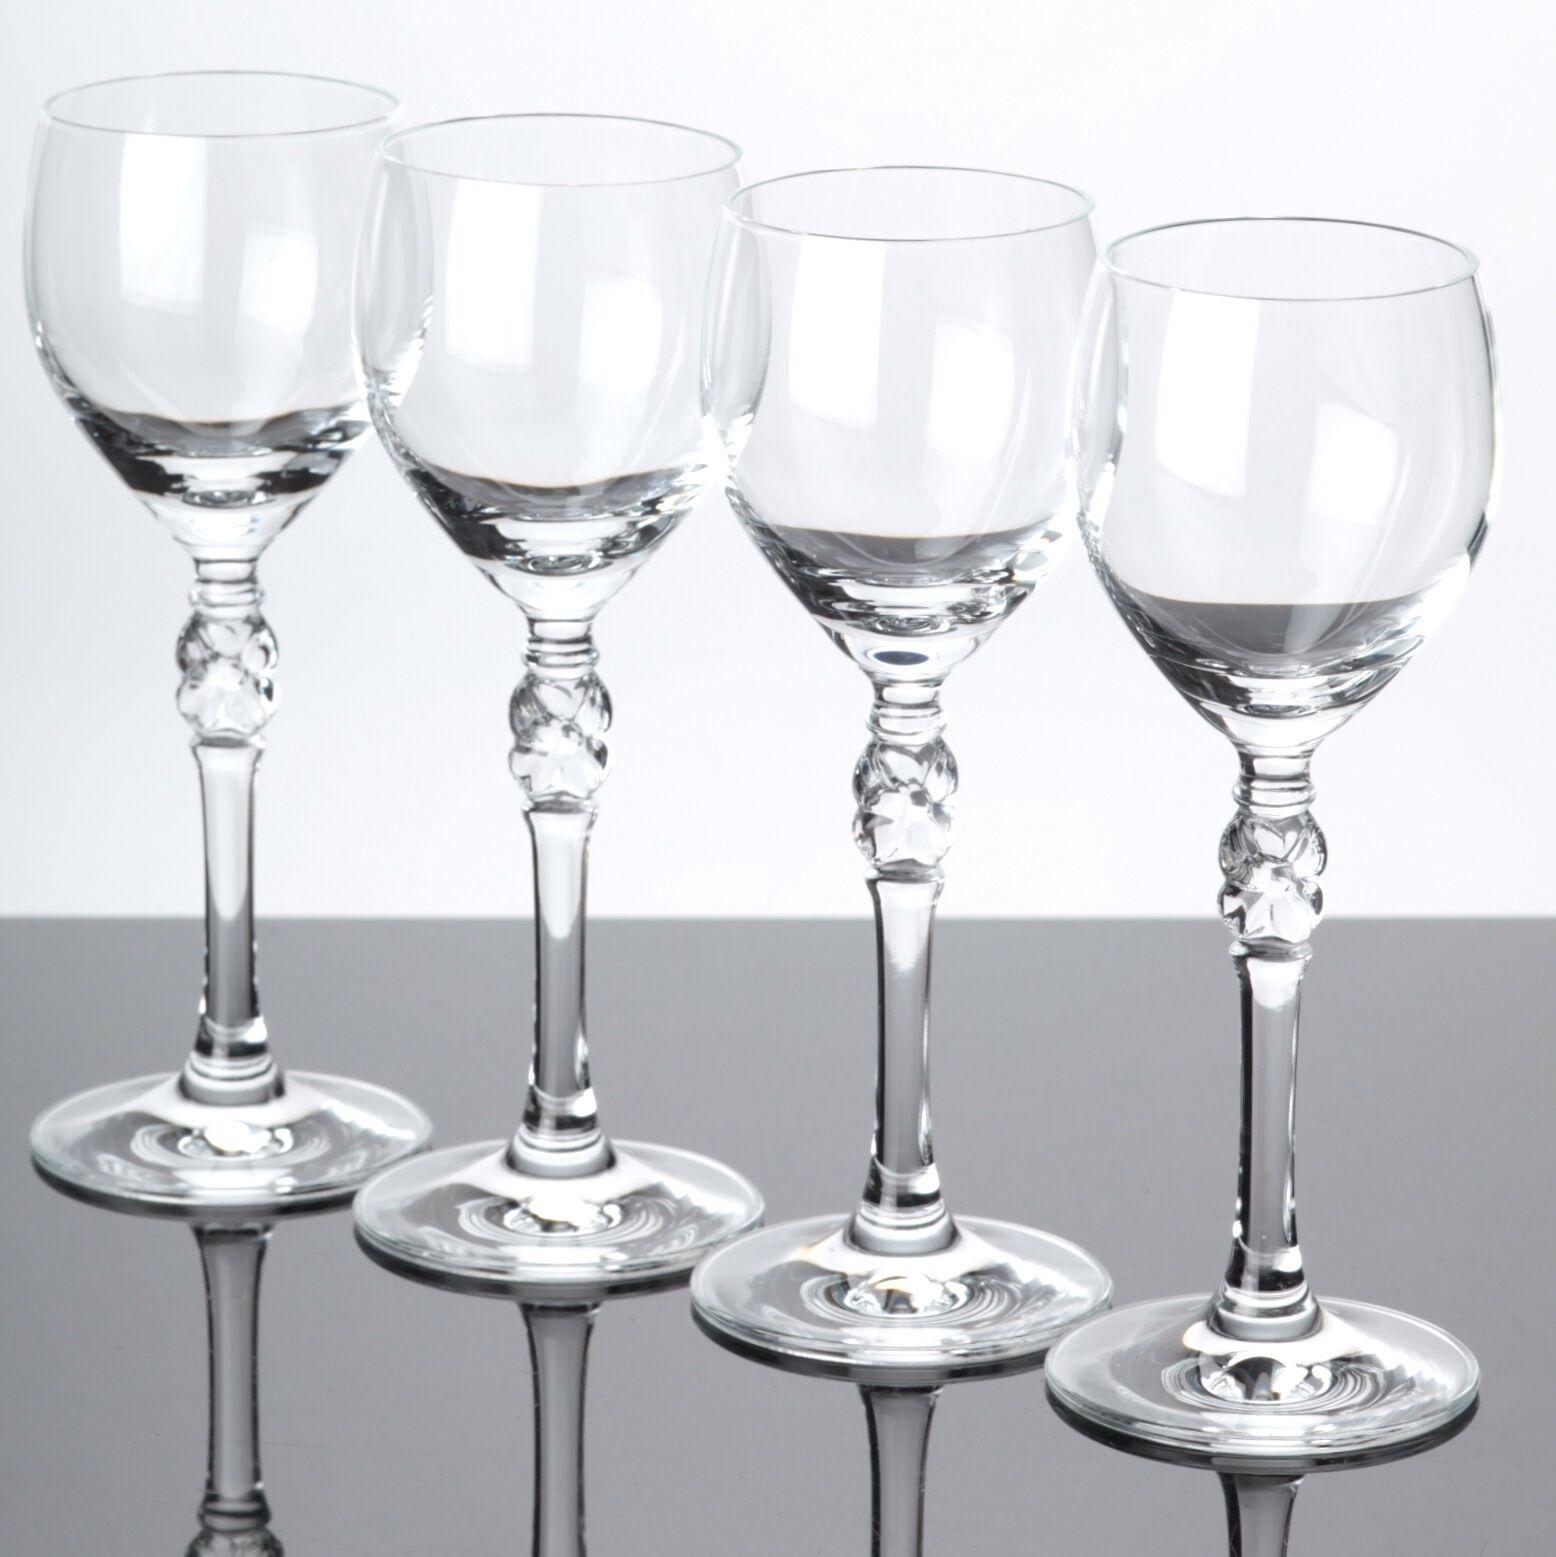 4 hohe Schnapsgläser Likörgläser Viva Schott-Zwiesel 90er Jahre Blaume Gläser Gläser Gläser | Auf Verkauf  2bd4b6